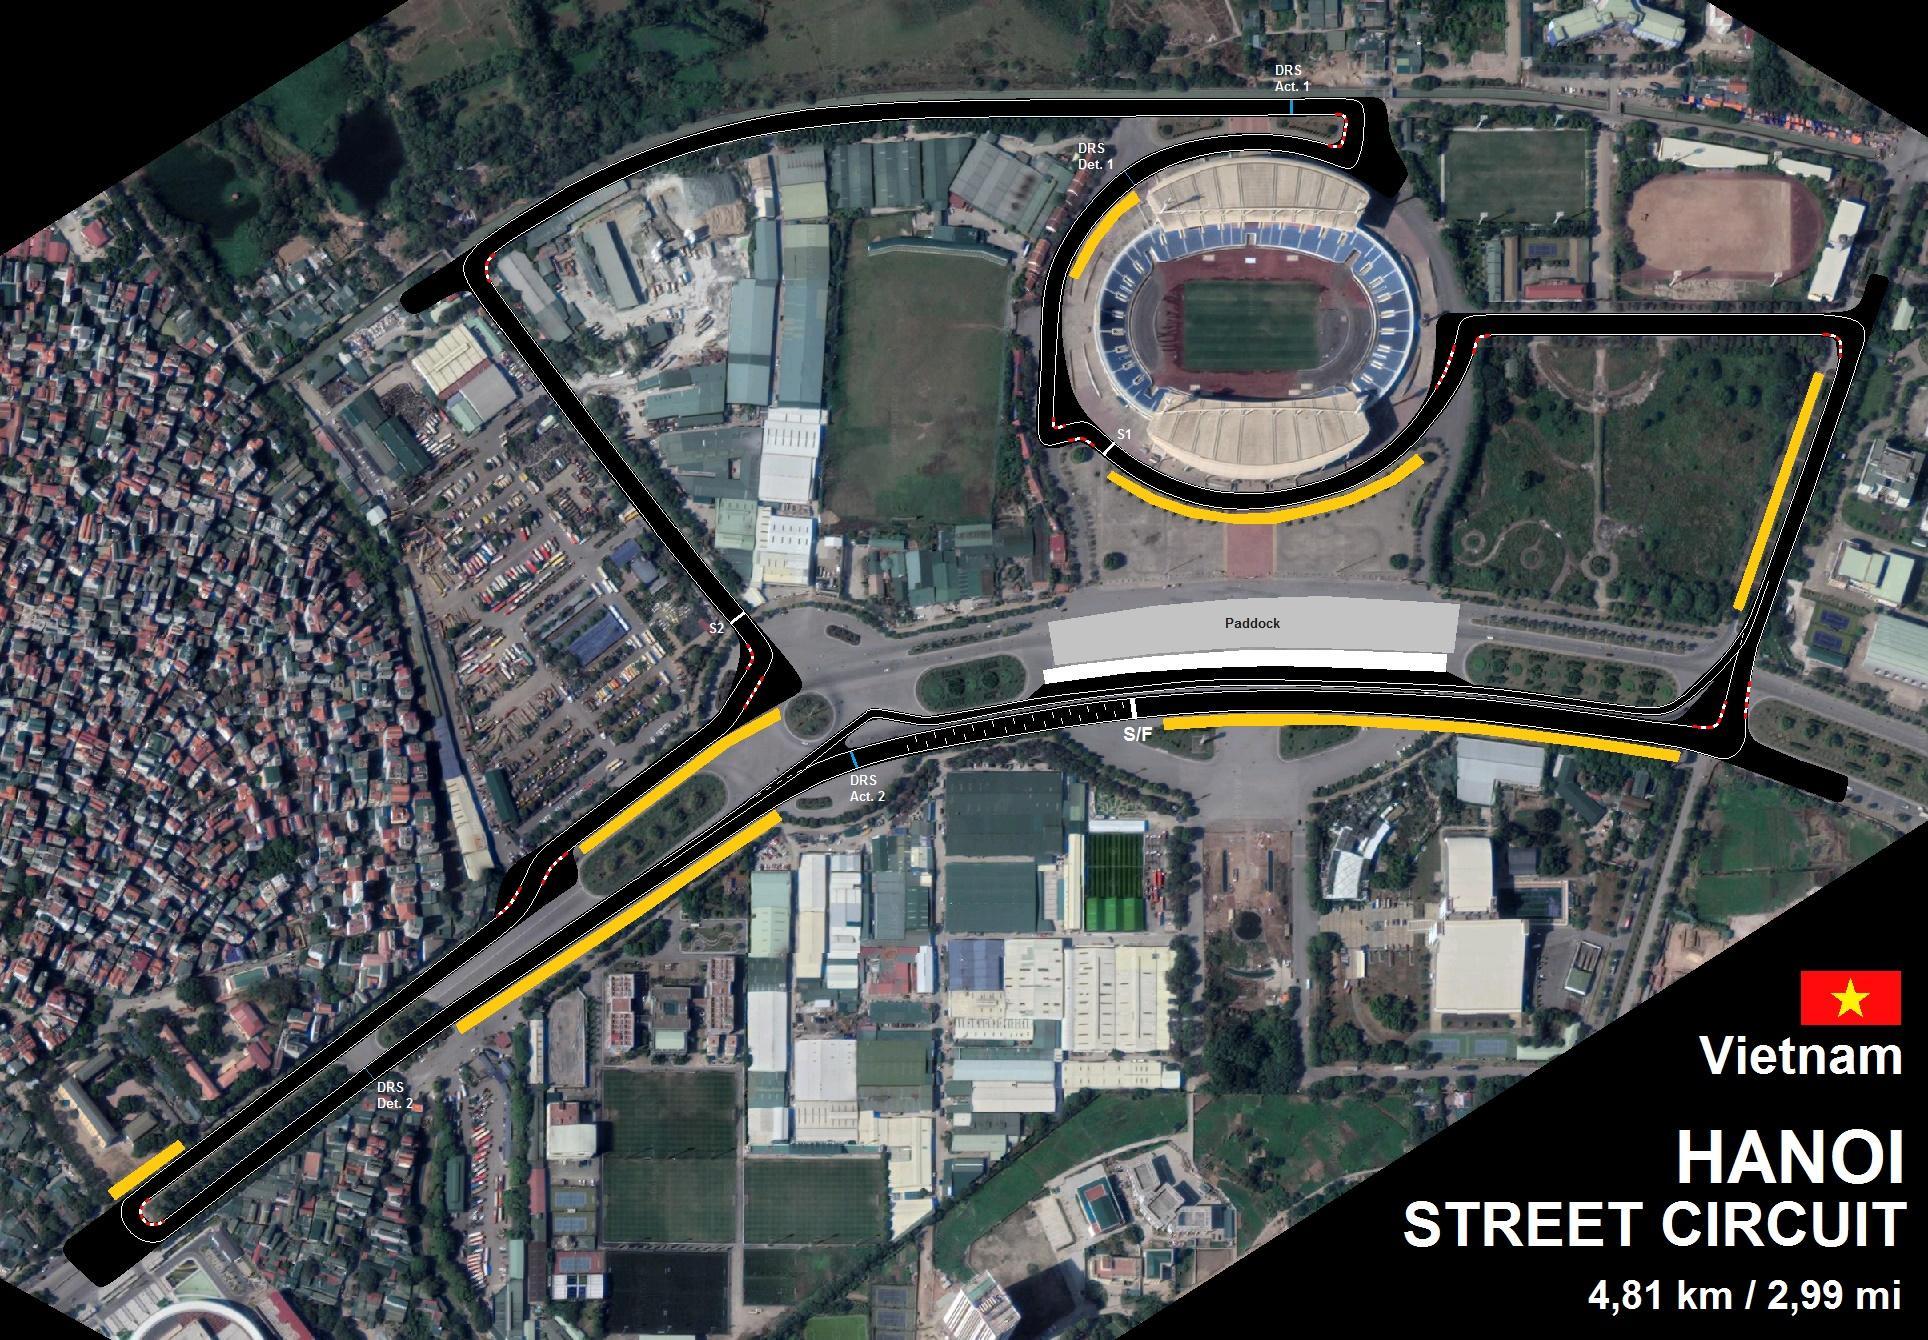 Vietnam organizará un primer GP de F1 en 2020